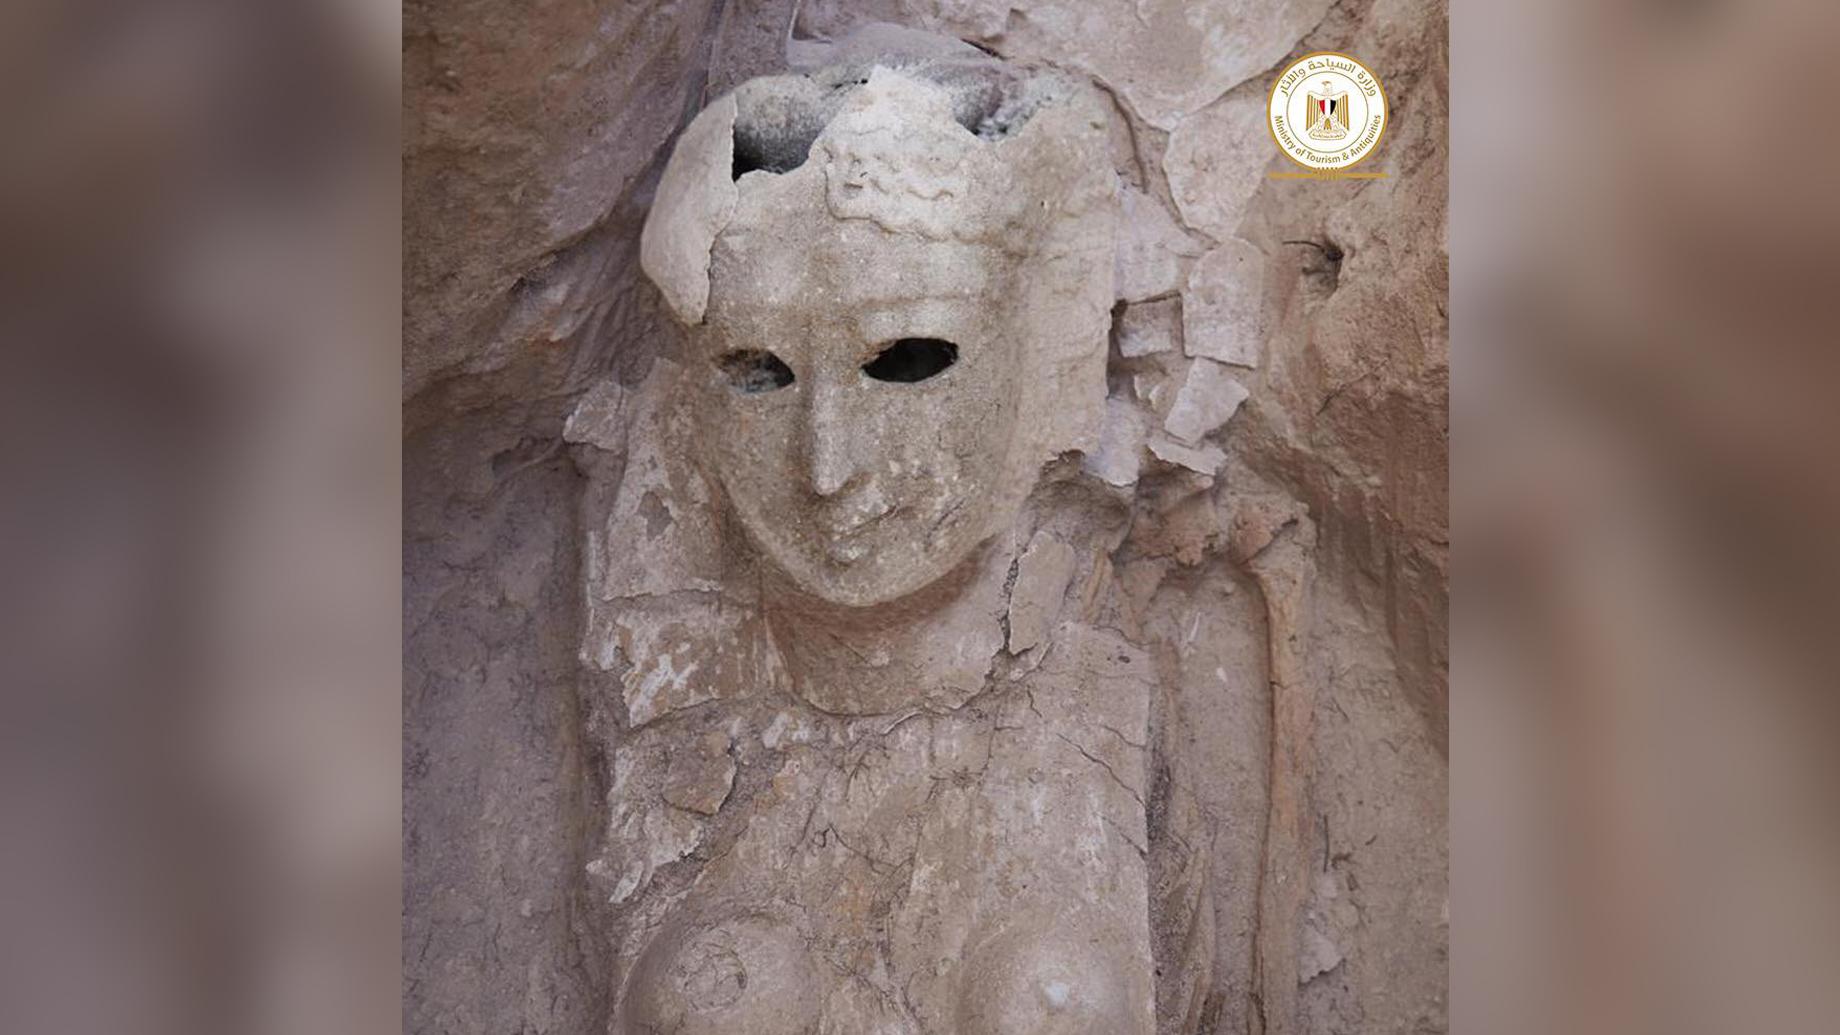 Parmi les autres sépultures sur le site, les archéologues ont découvert cette momie féminine qui porte un masque mortuaire qui couvre une grande partie de son corps.